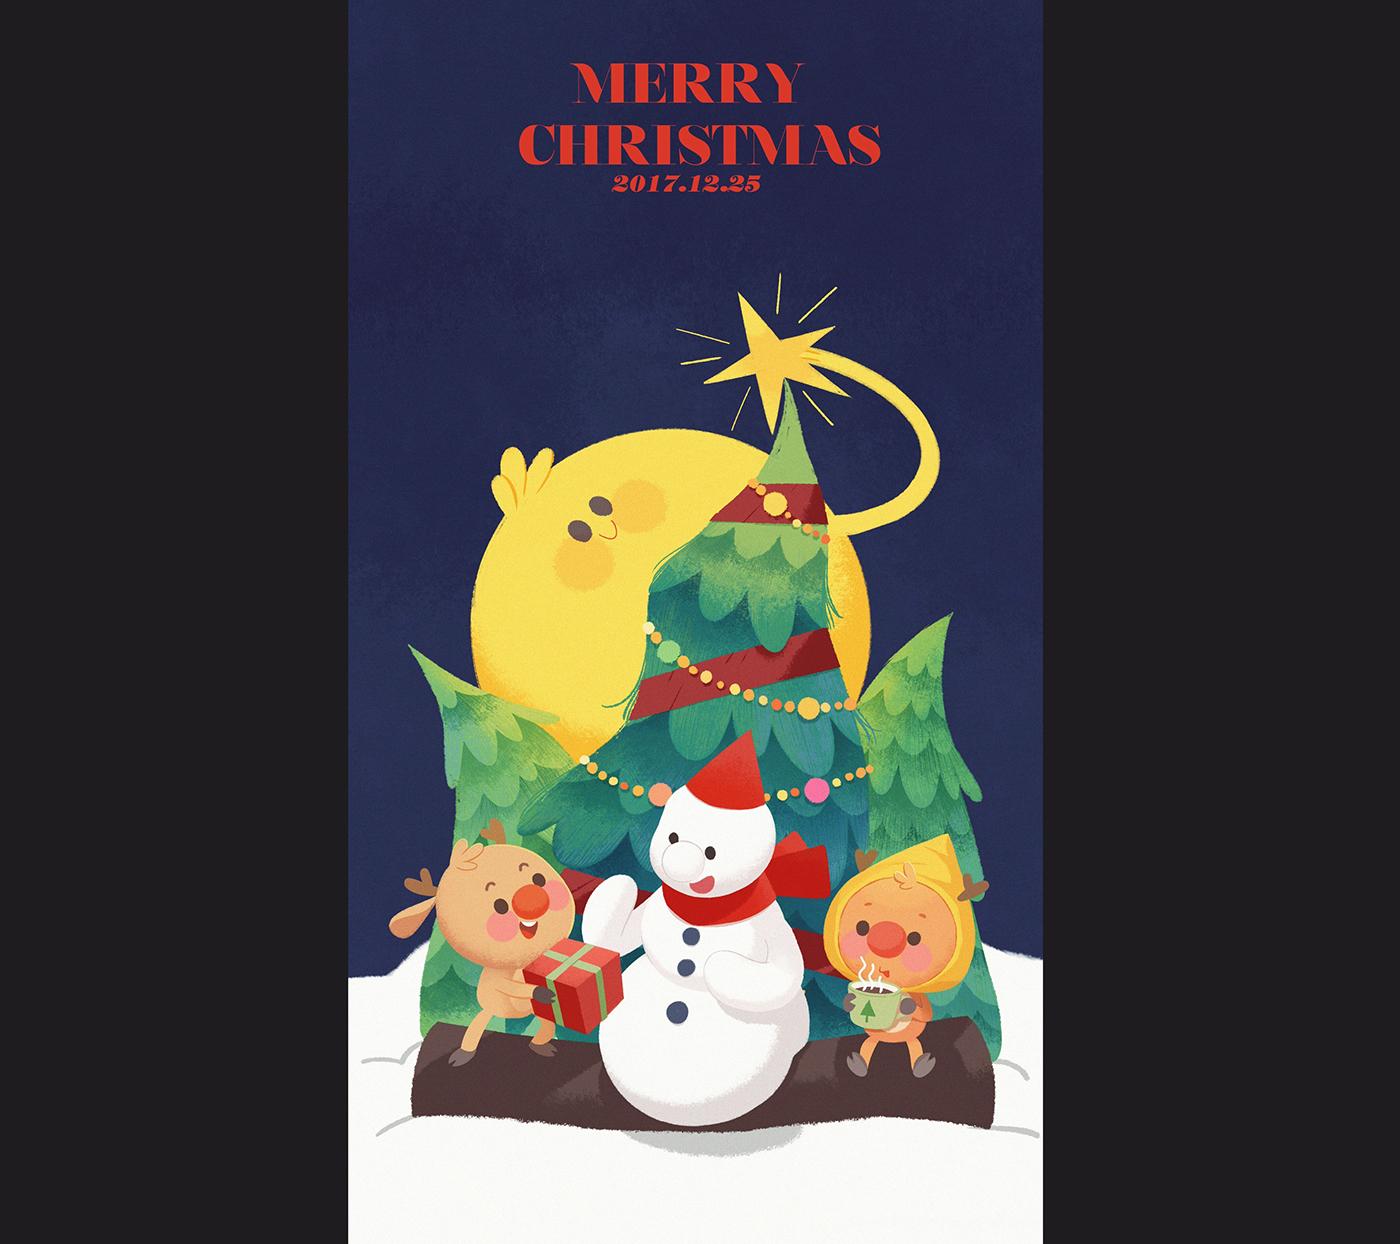 有設計感的32個聖誕節圖片欣賞